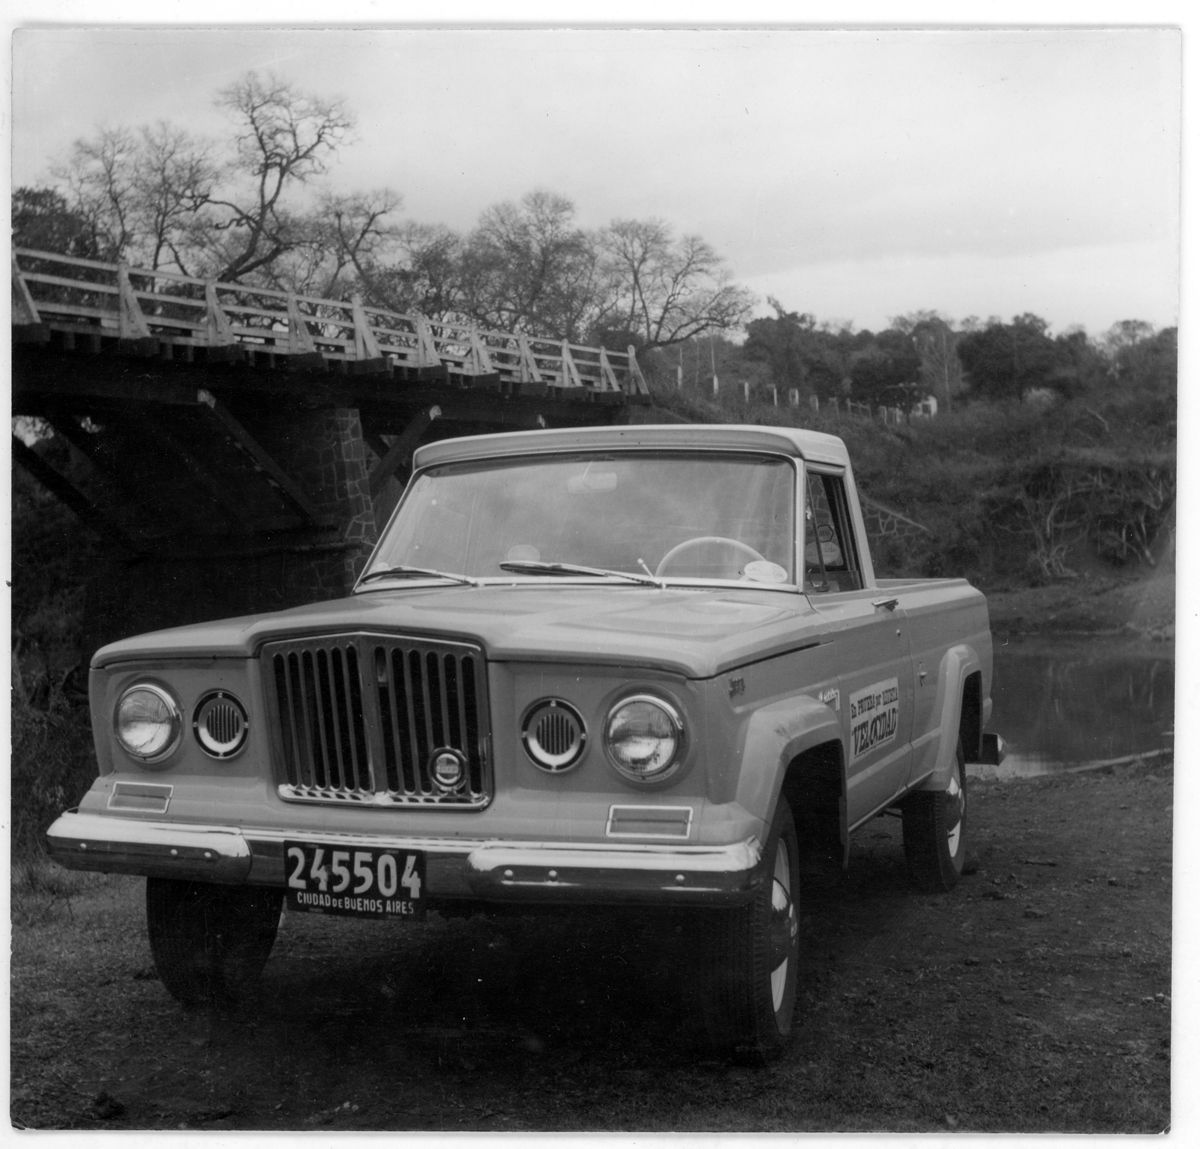 IKA Jeep Gladiator frente con puente_Revista Velocidad_Ago 24 1964_Argentina